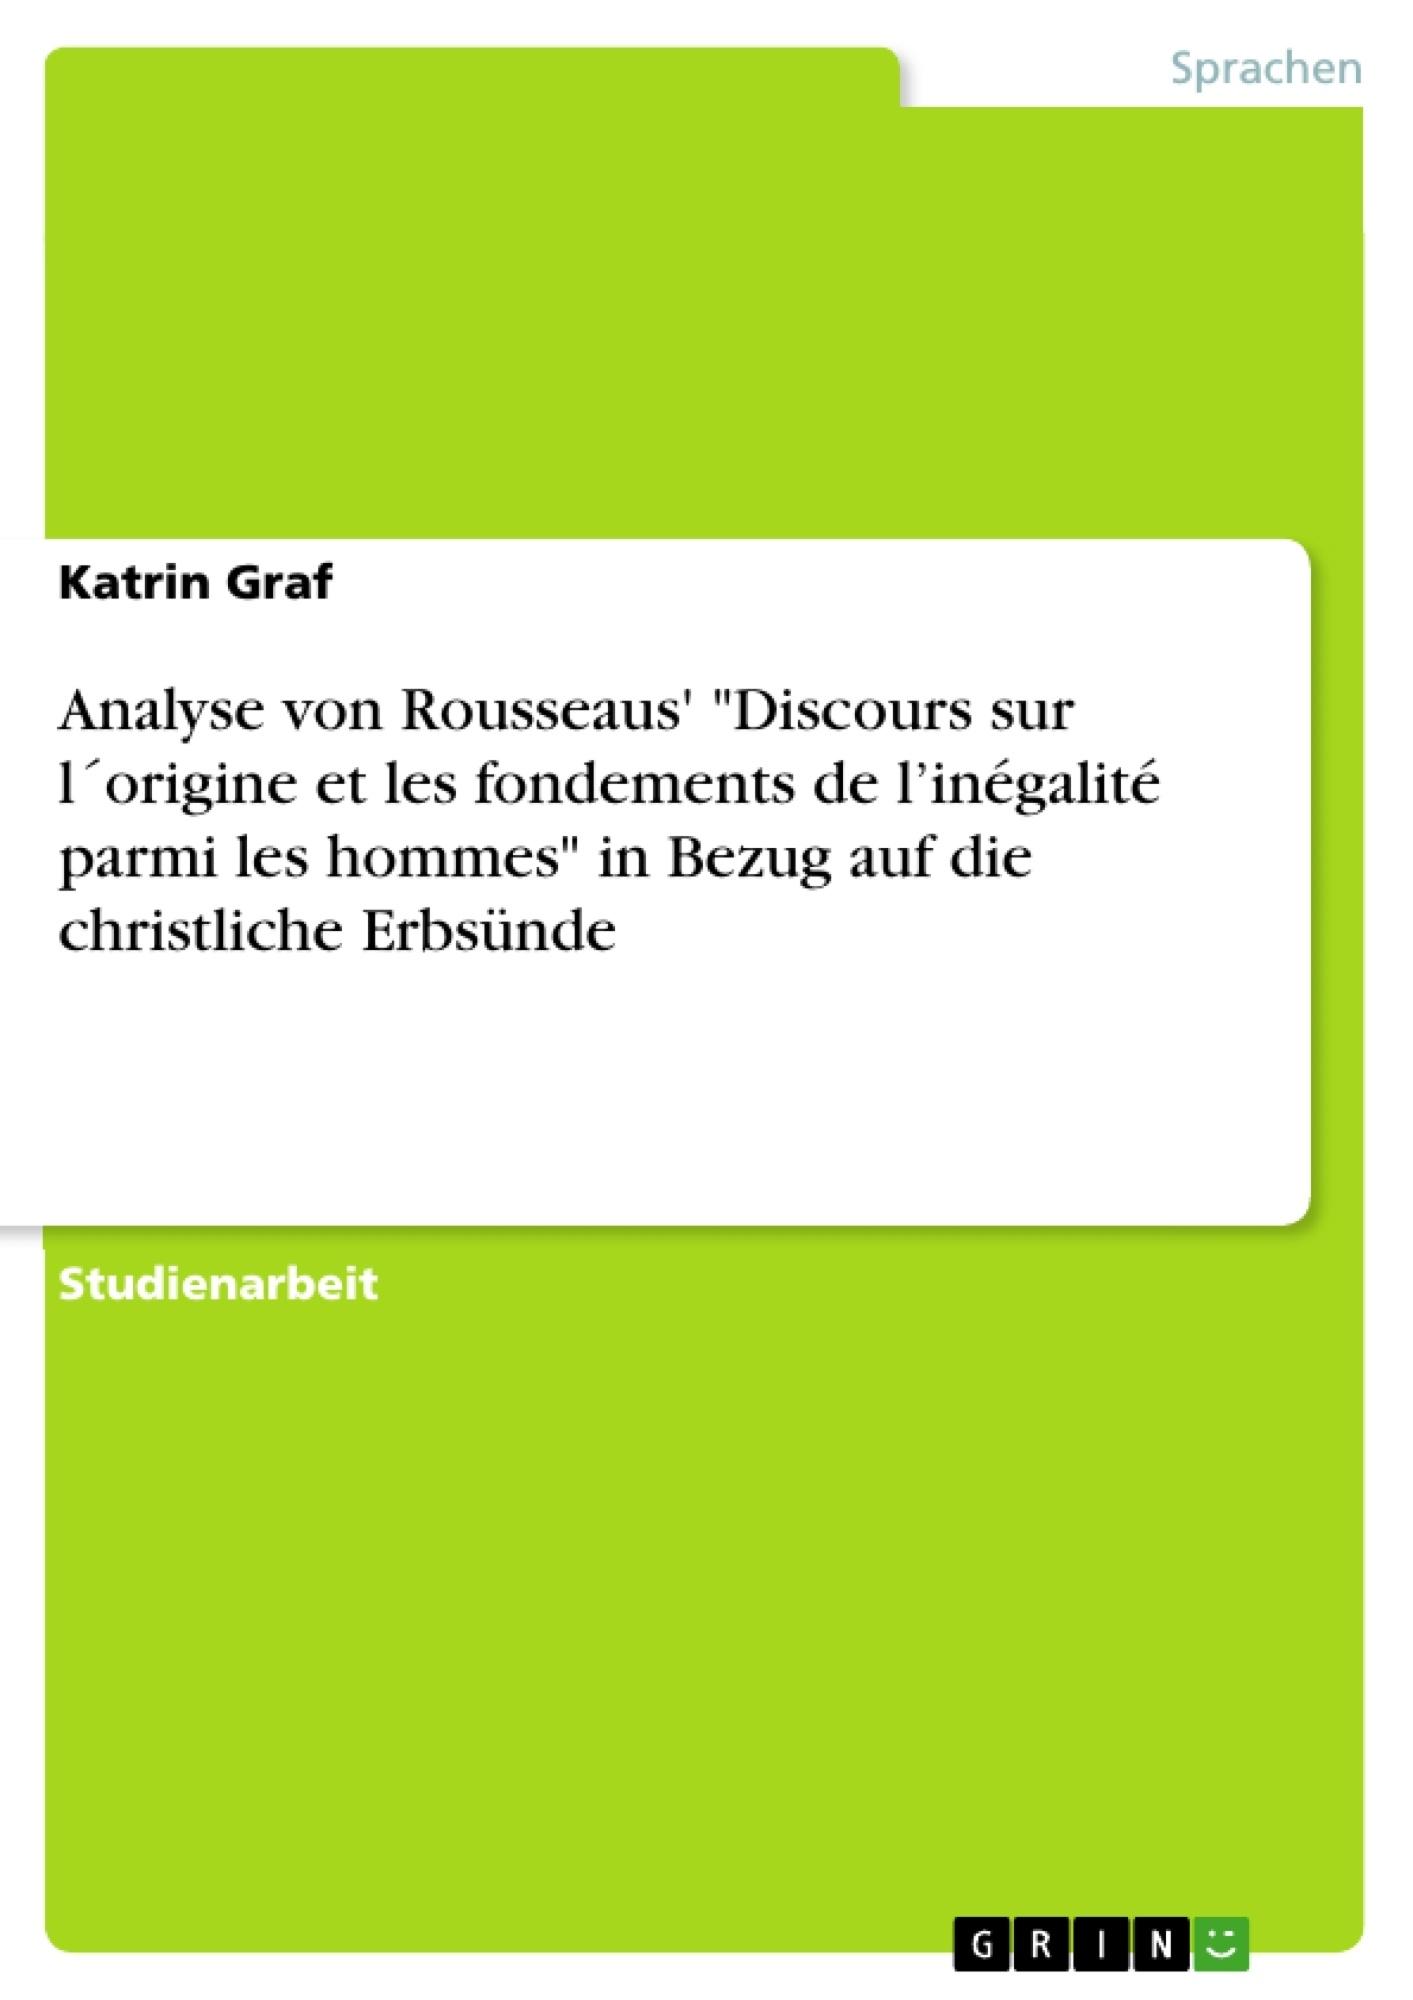 """Titel: Analyse von Rousseaus' """"Discours sur l´origine et les fondements de l'inégalité parmi les hommes"""" in Bezug auf die christliche Erbsünde"""